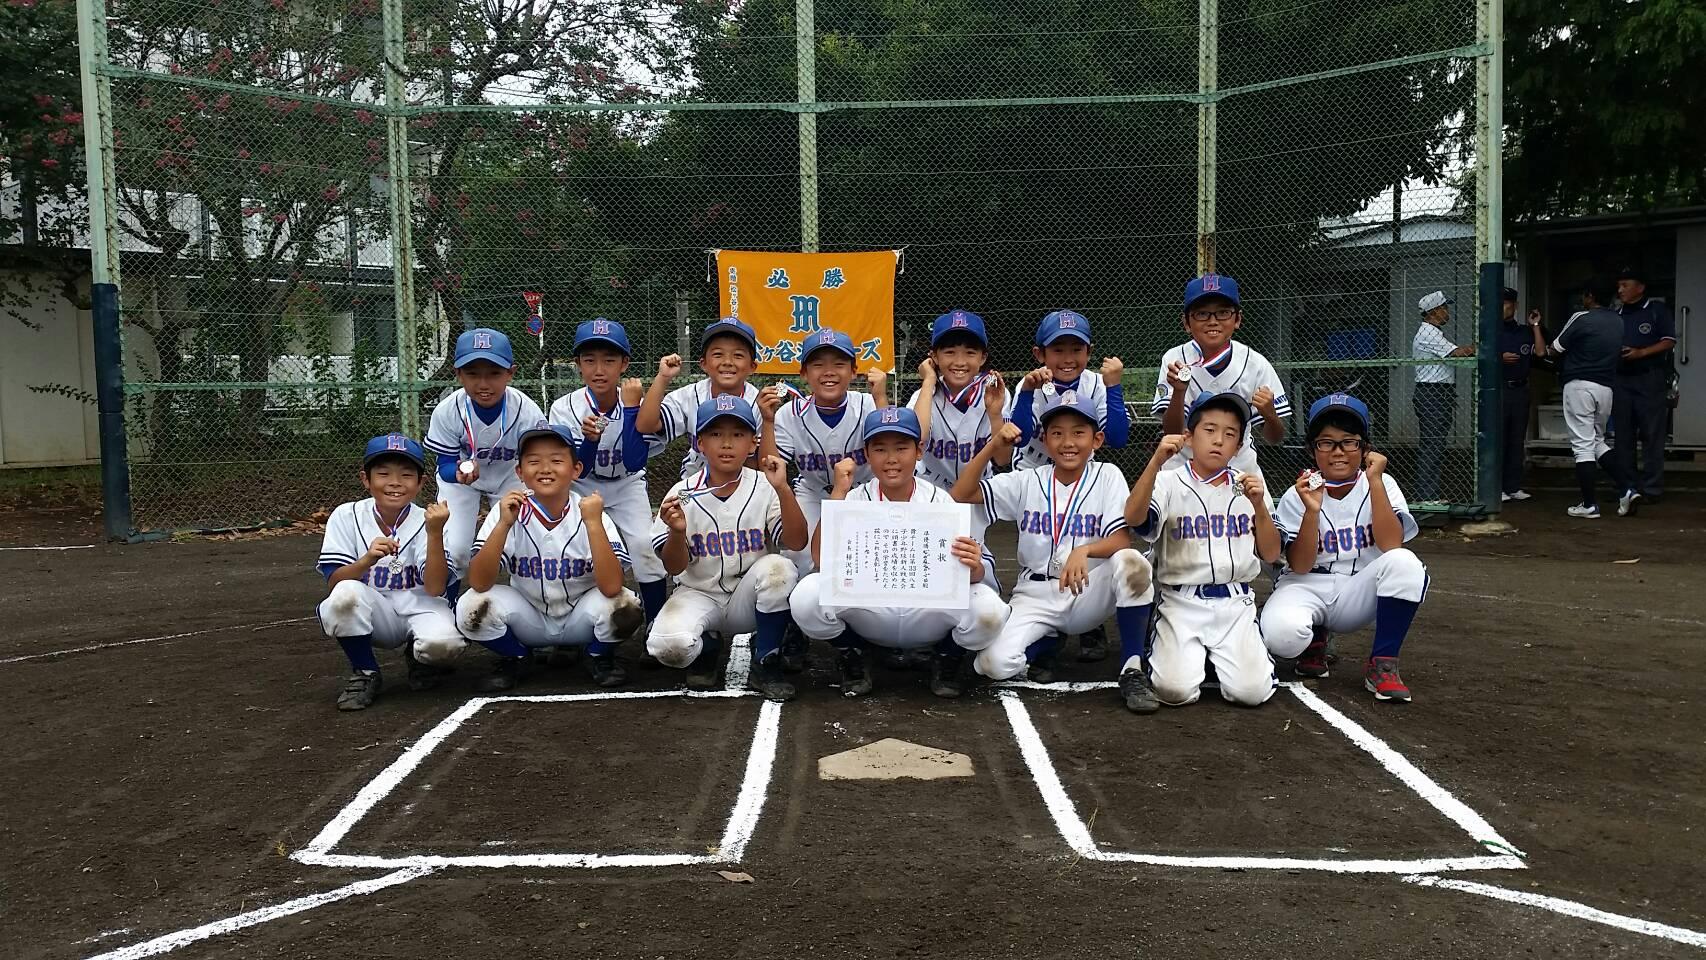 第33回 新人戦 準優勝・松が谷ジャガーズB(学童)平成30年9月2日